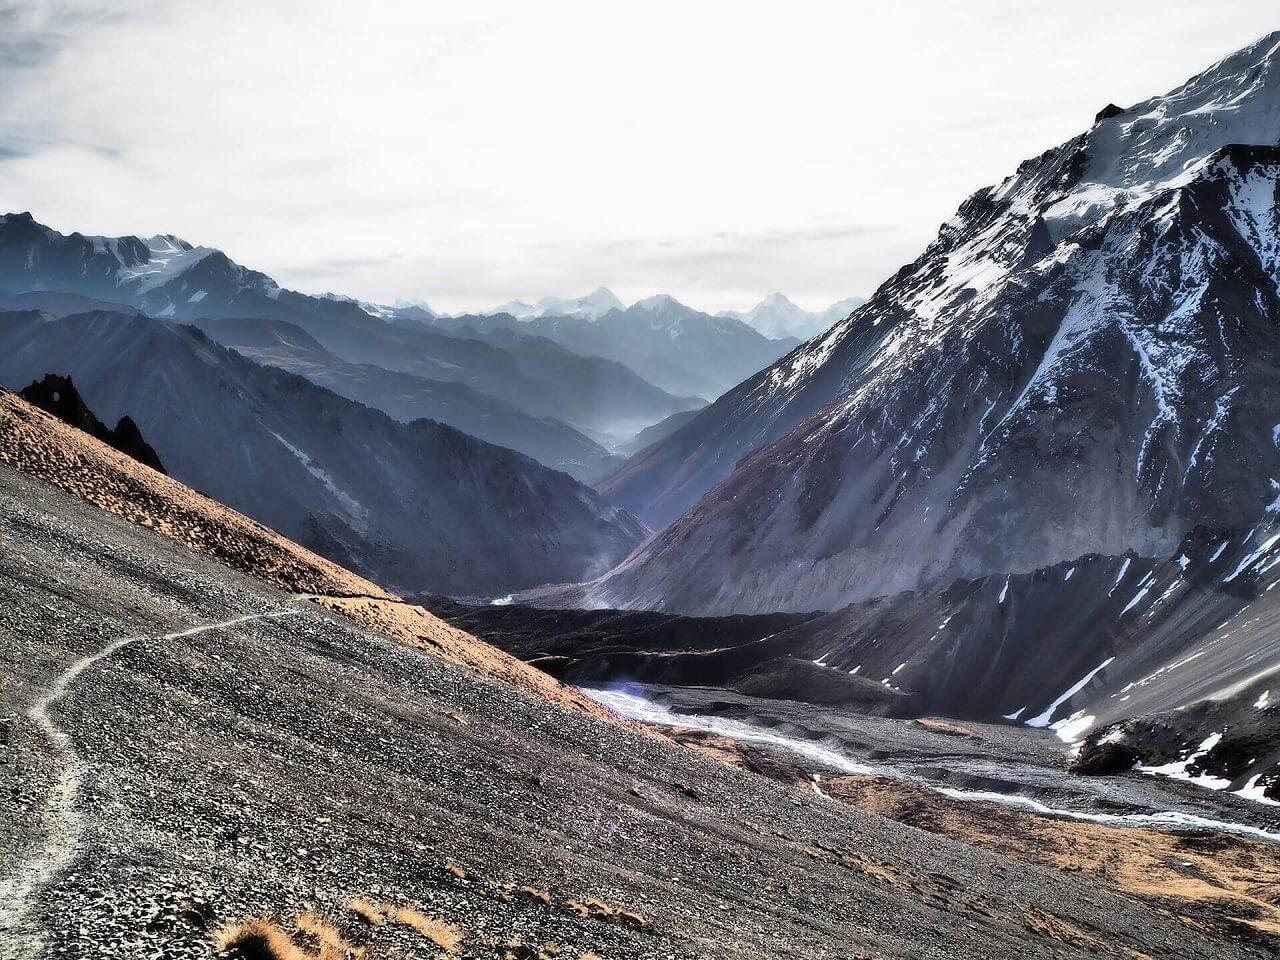 Annapurna Circuit Trail - Himalayas